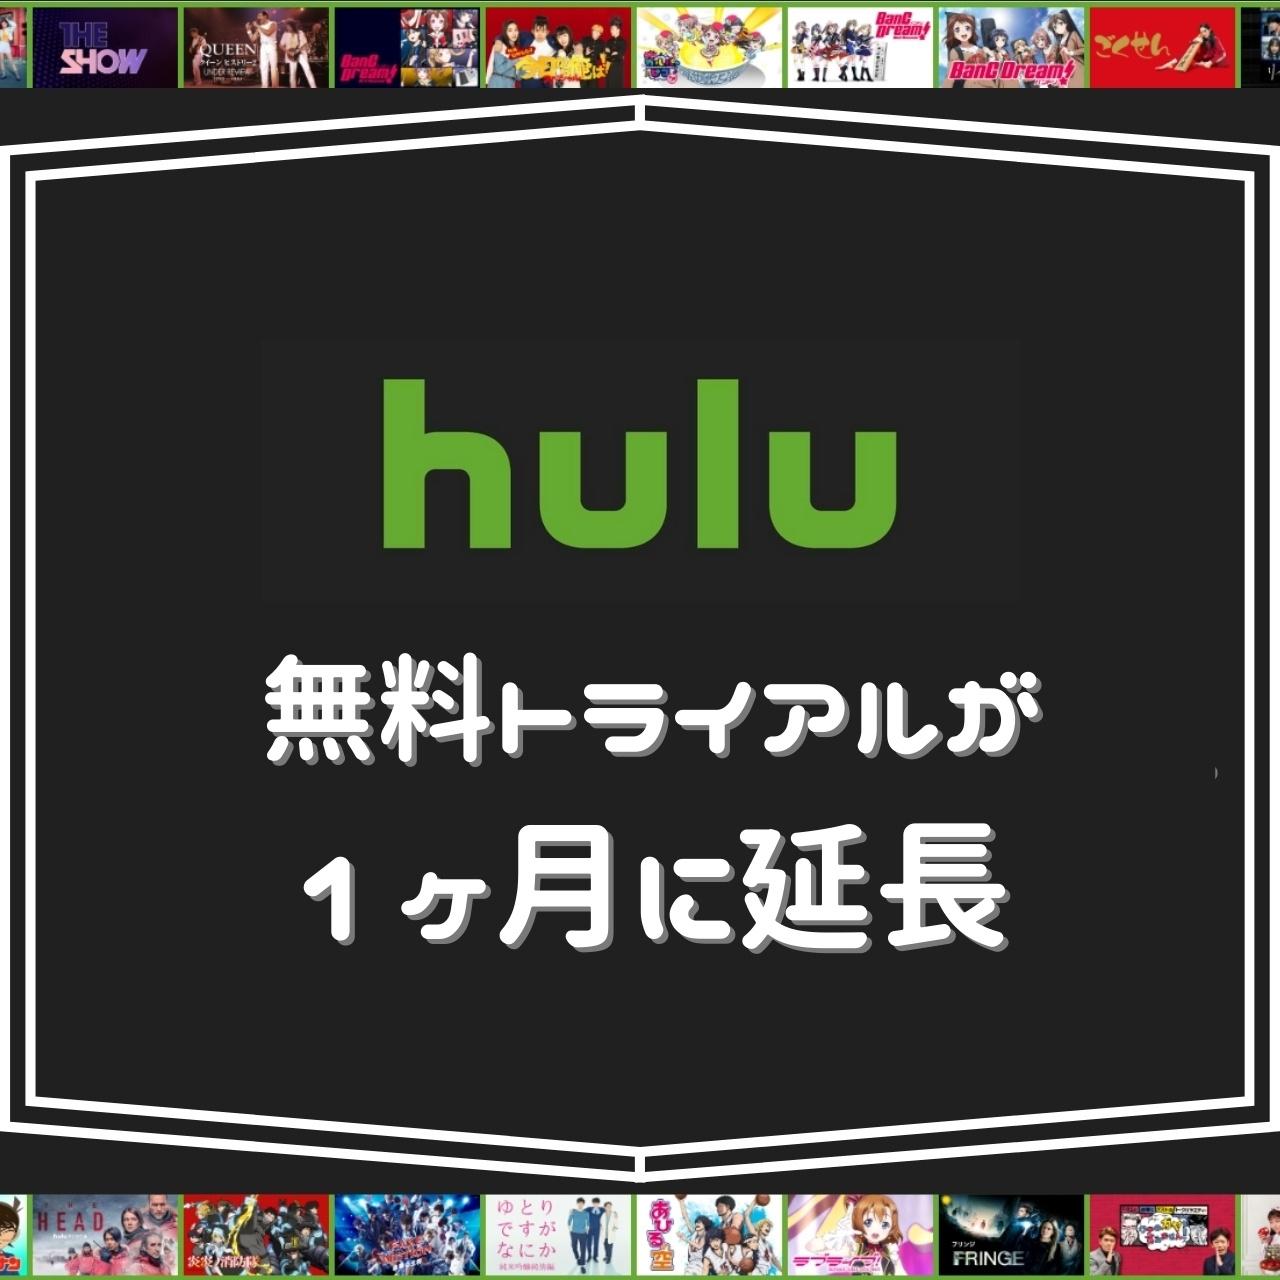 エポスカードで登録すれば、hulu無料トライアルが1ヶ月に延長